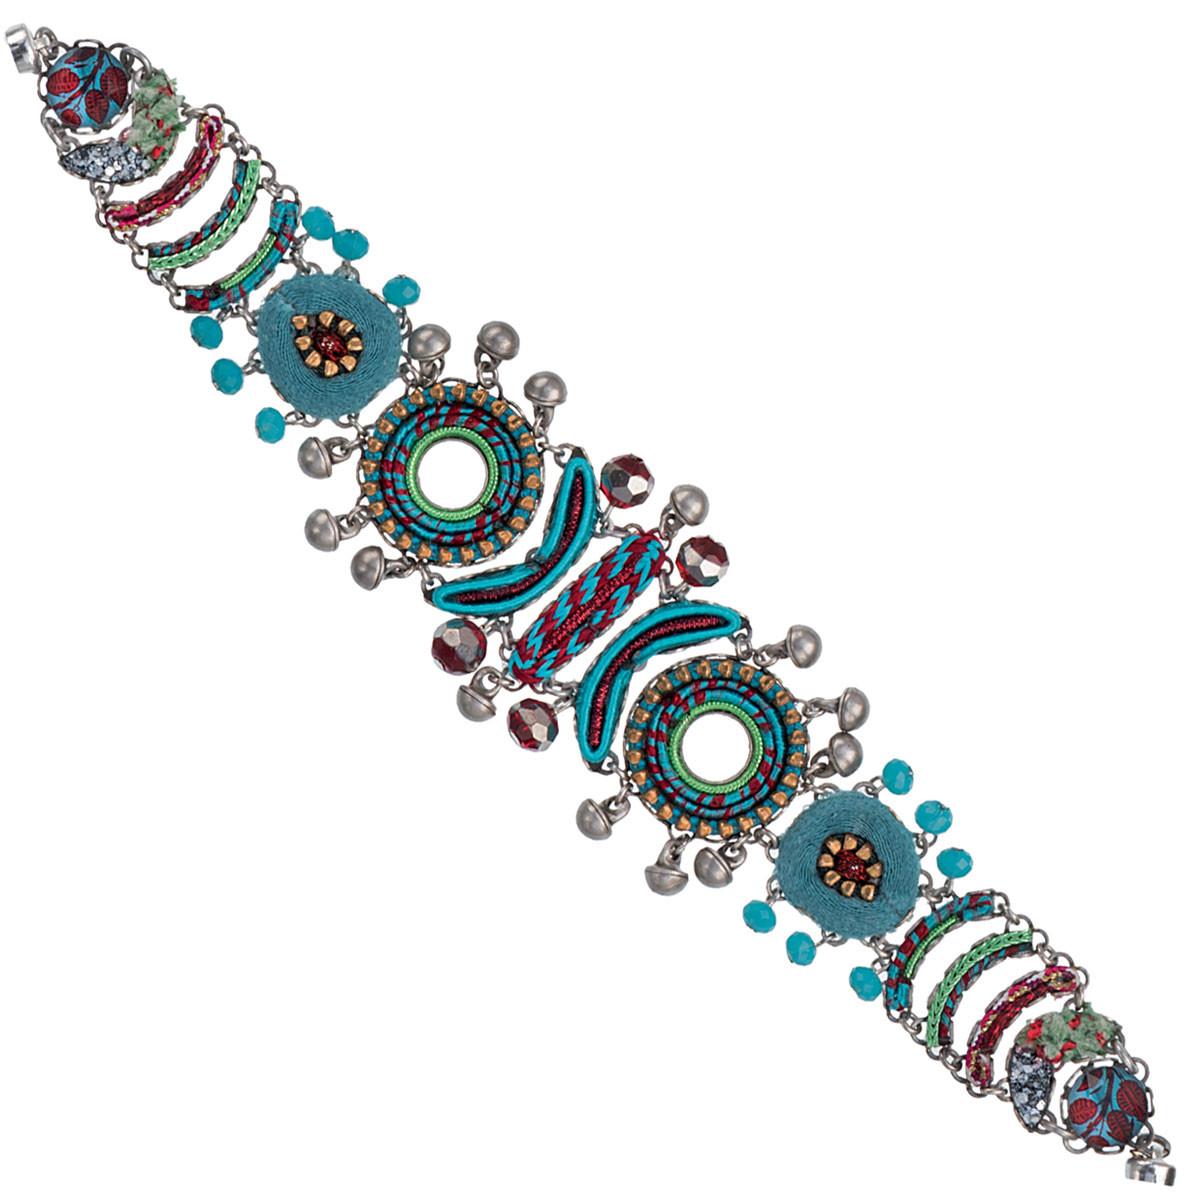 Green Ocean Drift style bracelet by Ayala Bar Jewelry